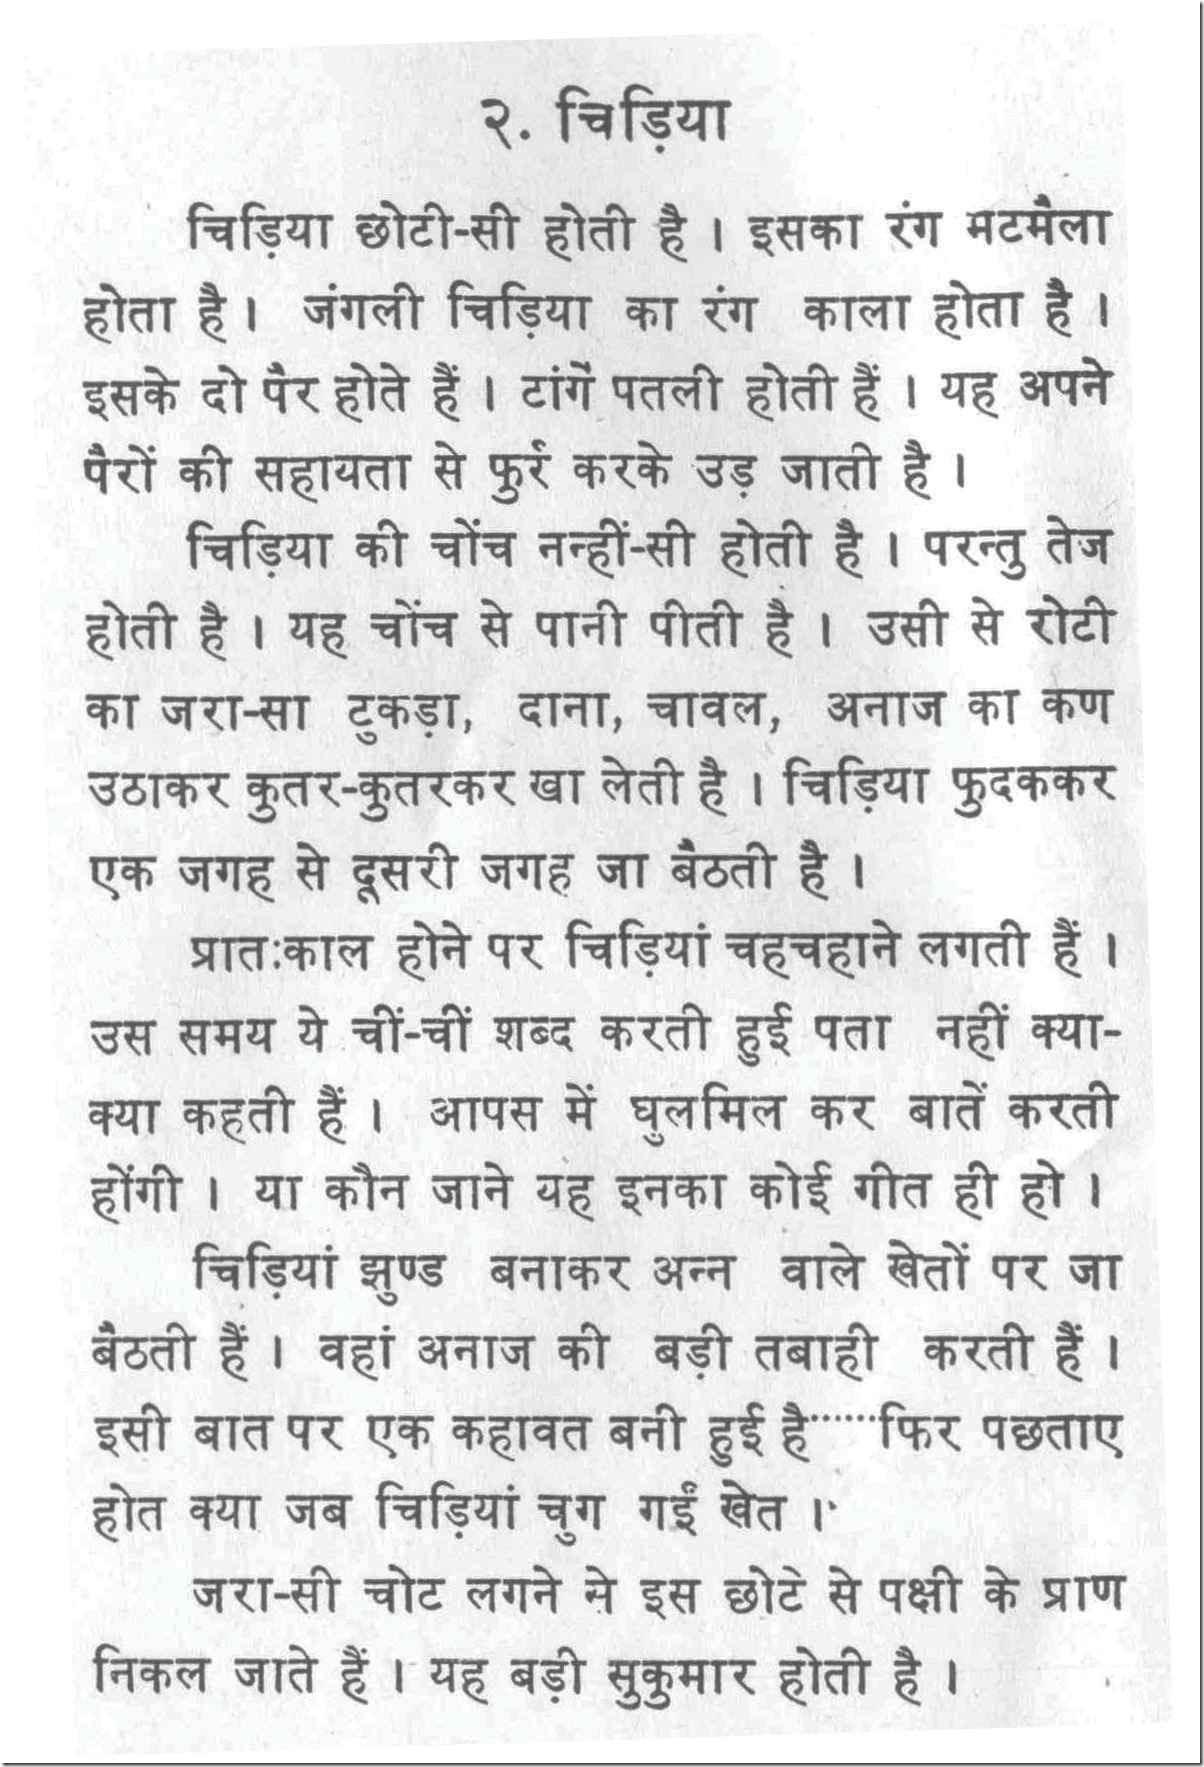 008 Essay Example Save Water Wikipedia How Thumb Small On Earth In English Hindi Marathi Awful Life Tamil Gujarati Full